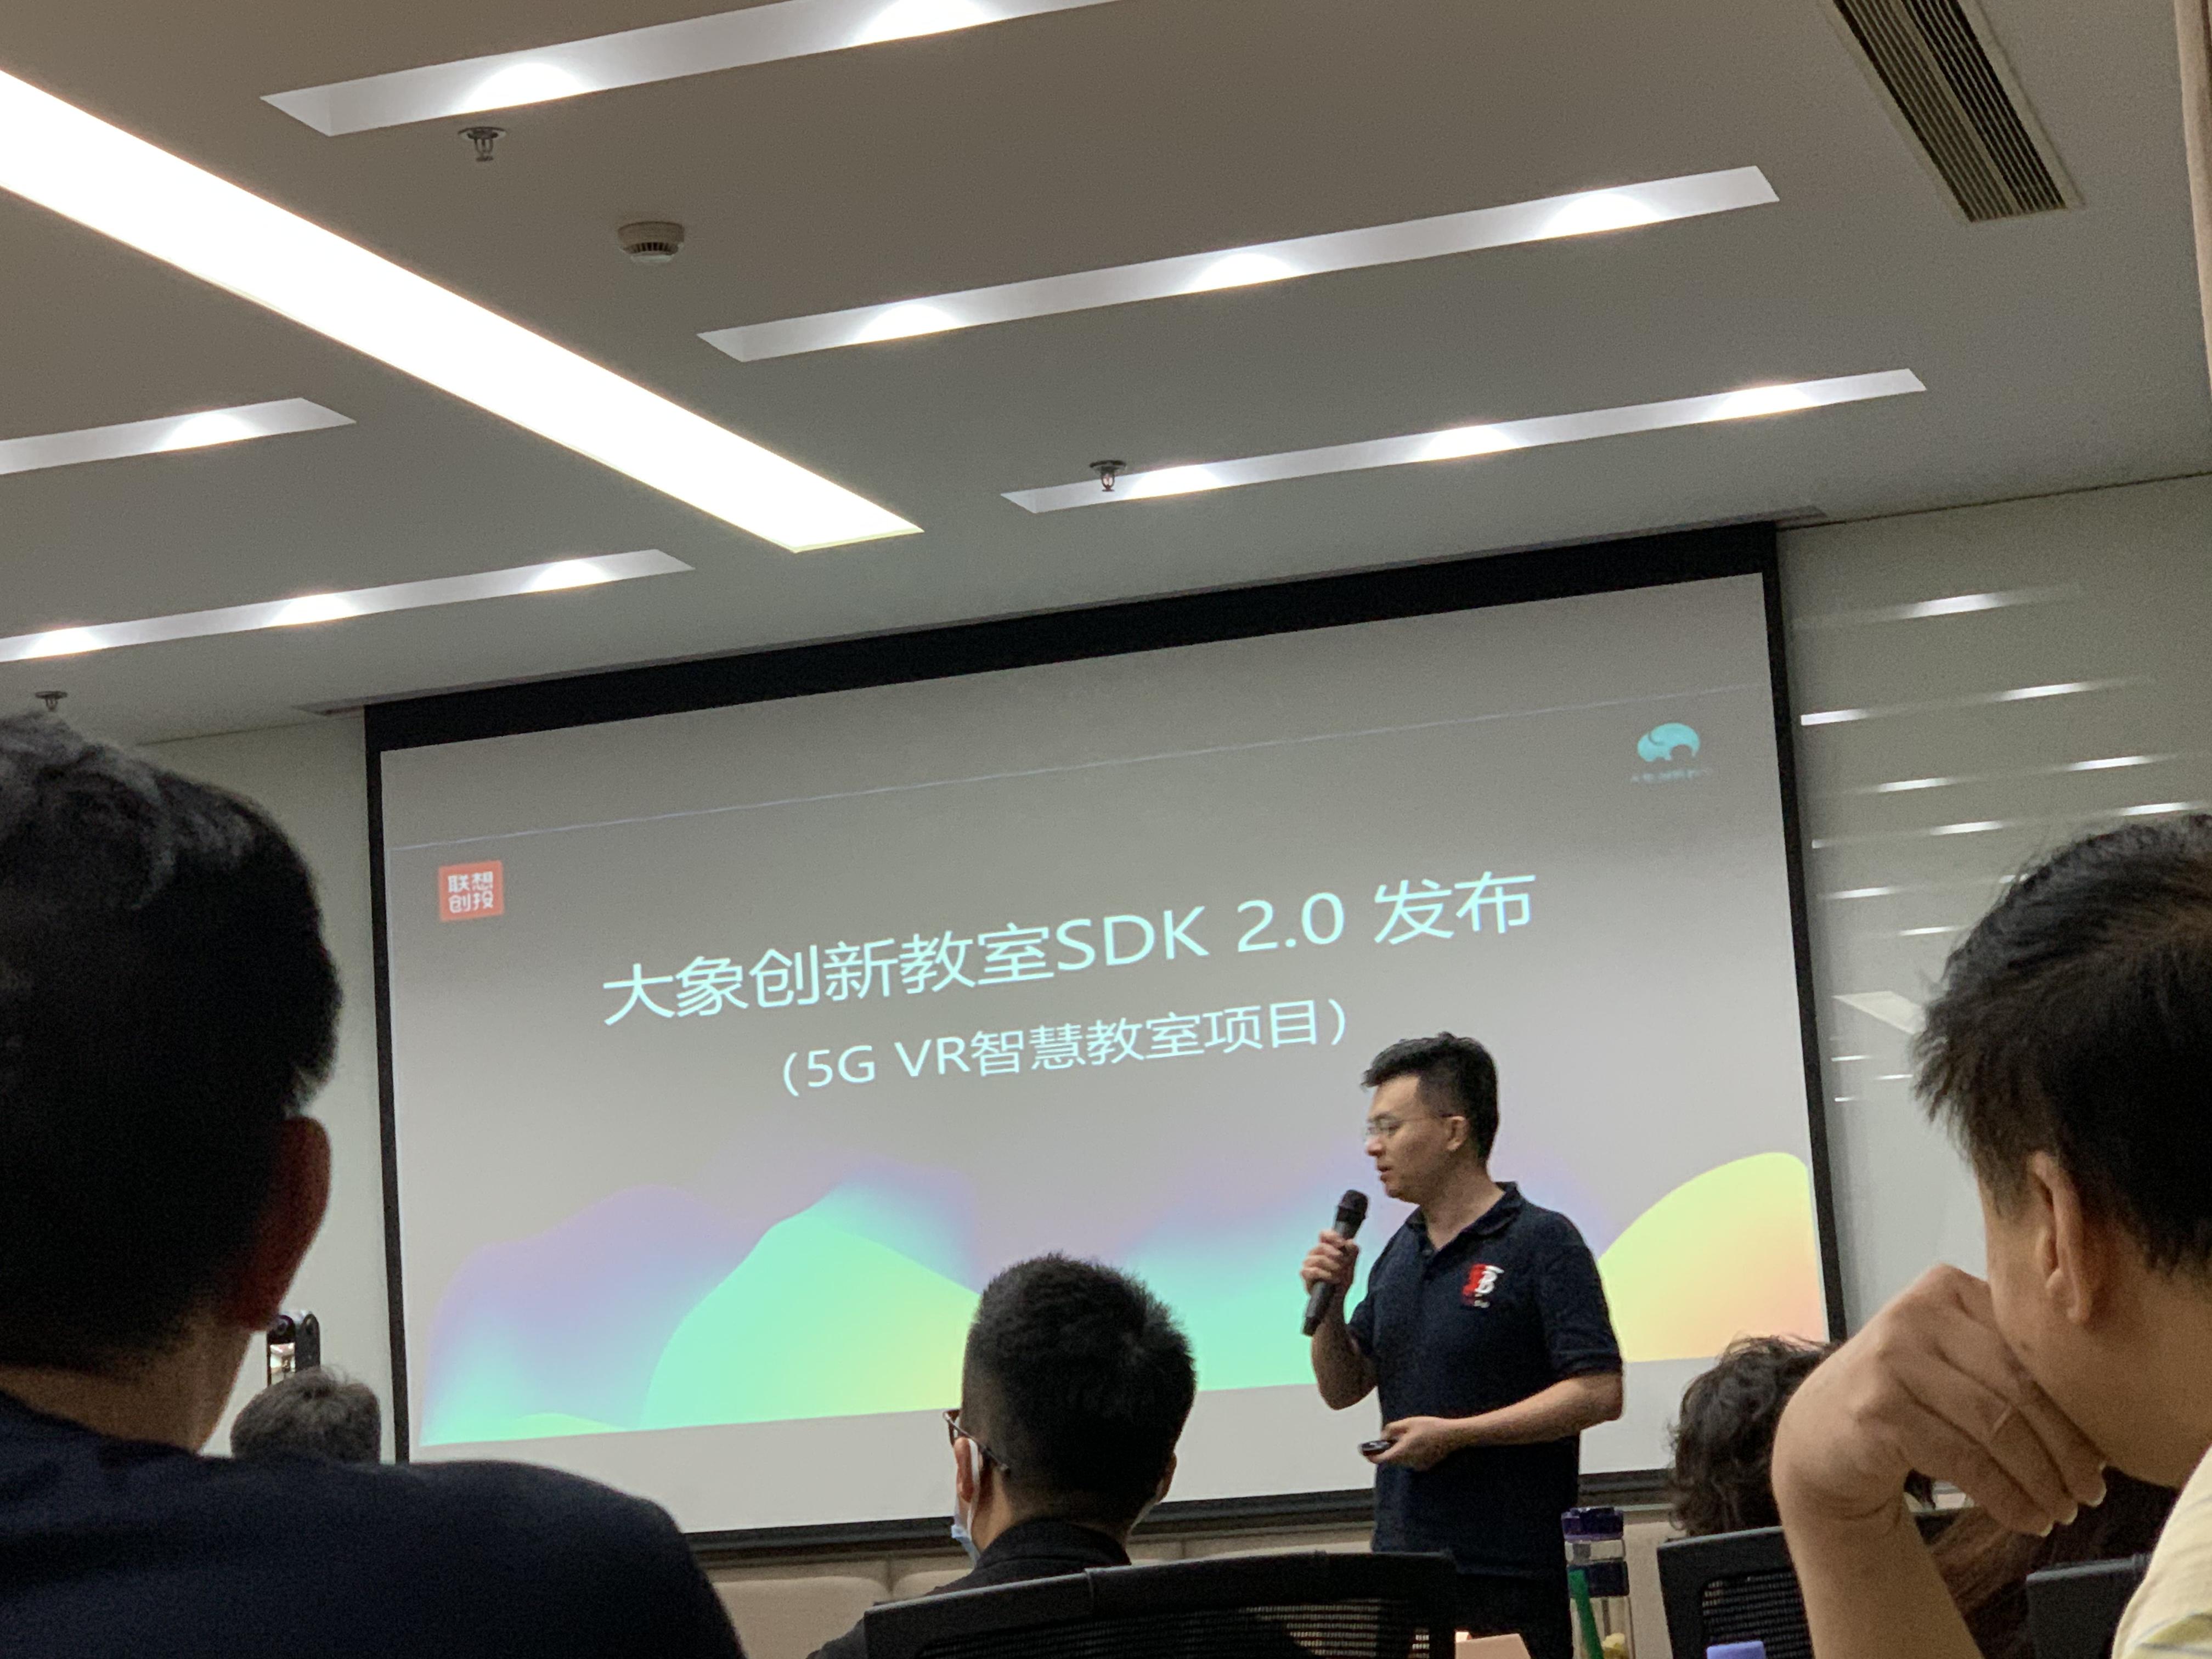 联想煦象教育发布大象创新教室SDK2.0版,宣布2000万元采购VR教育内容